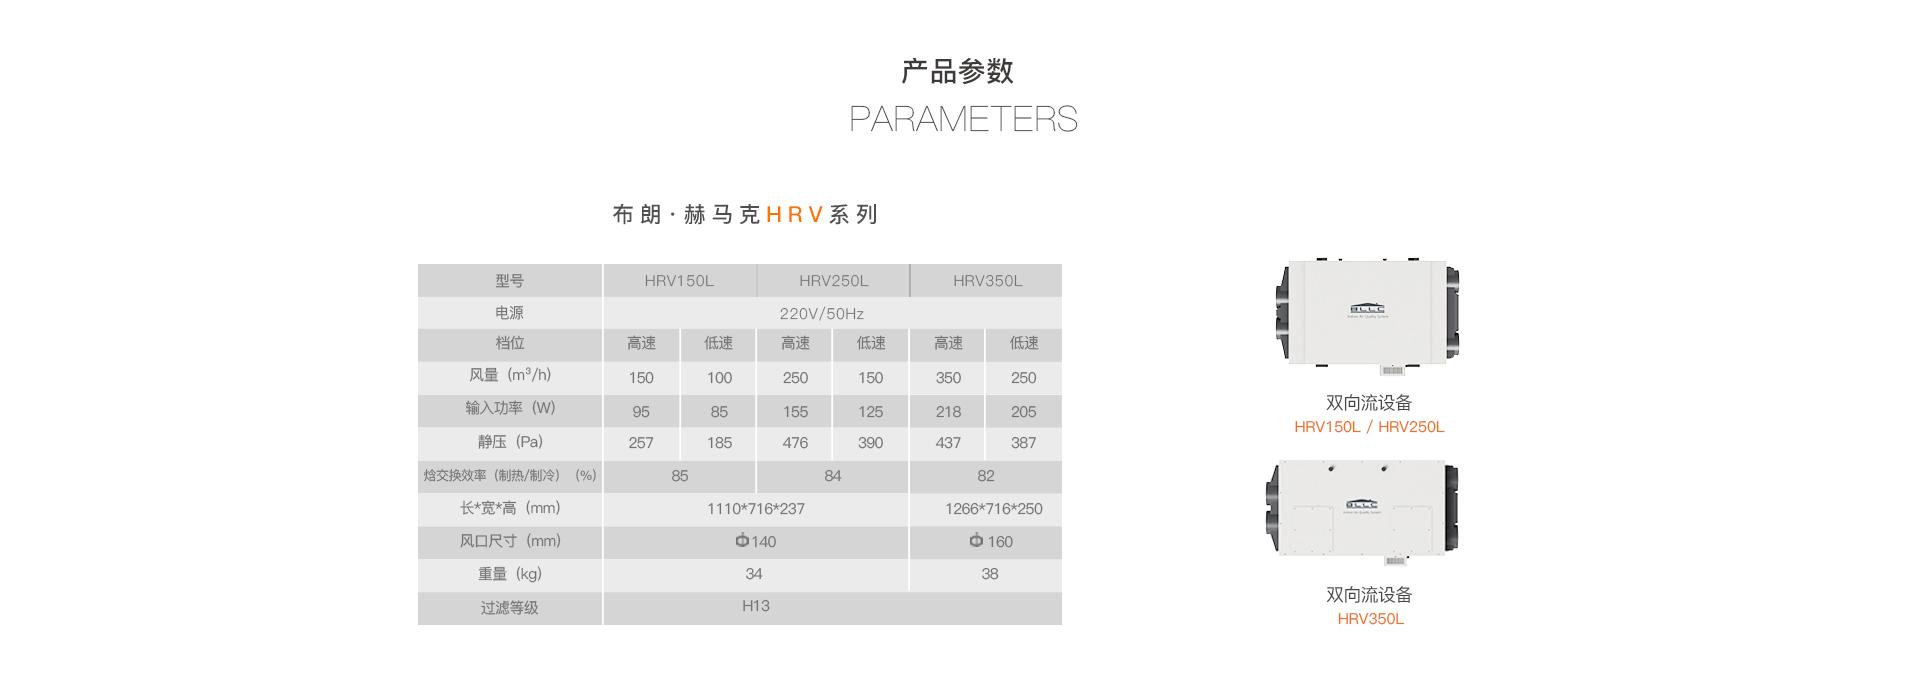 赫马克-1920x无限_HRV.jpg